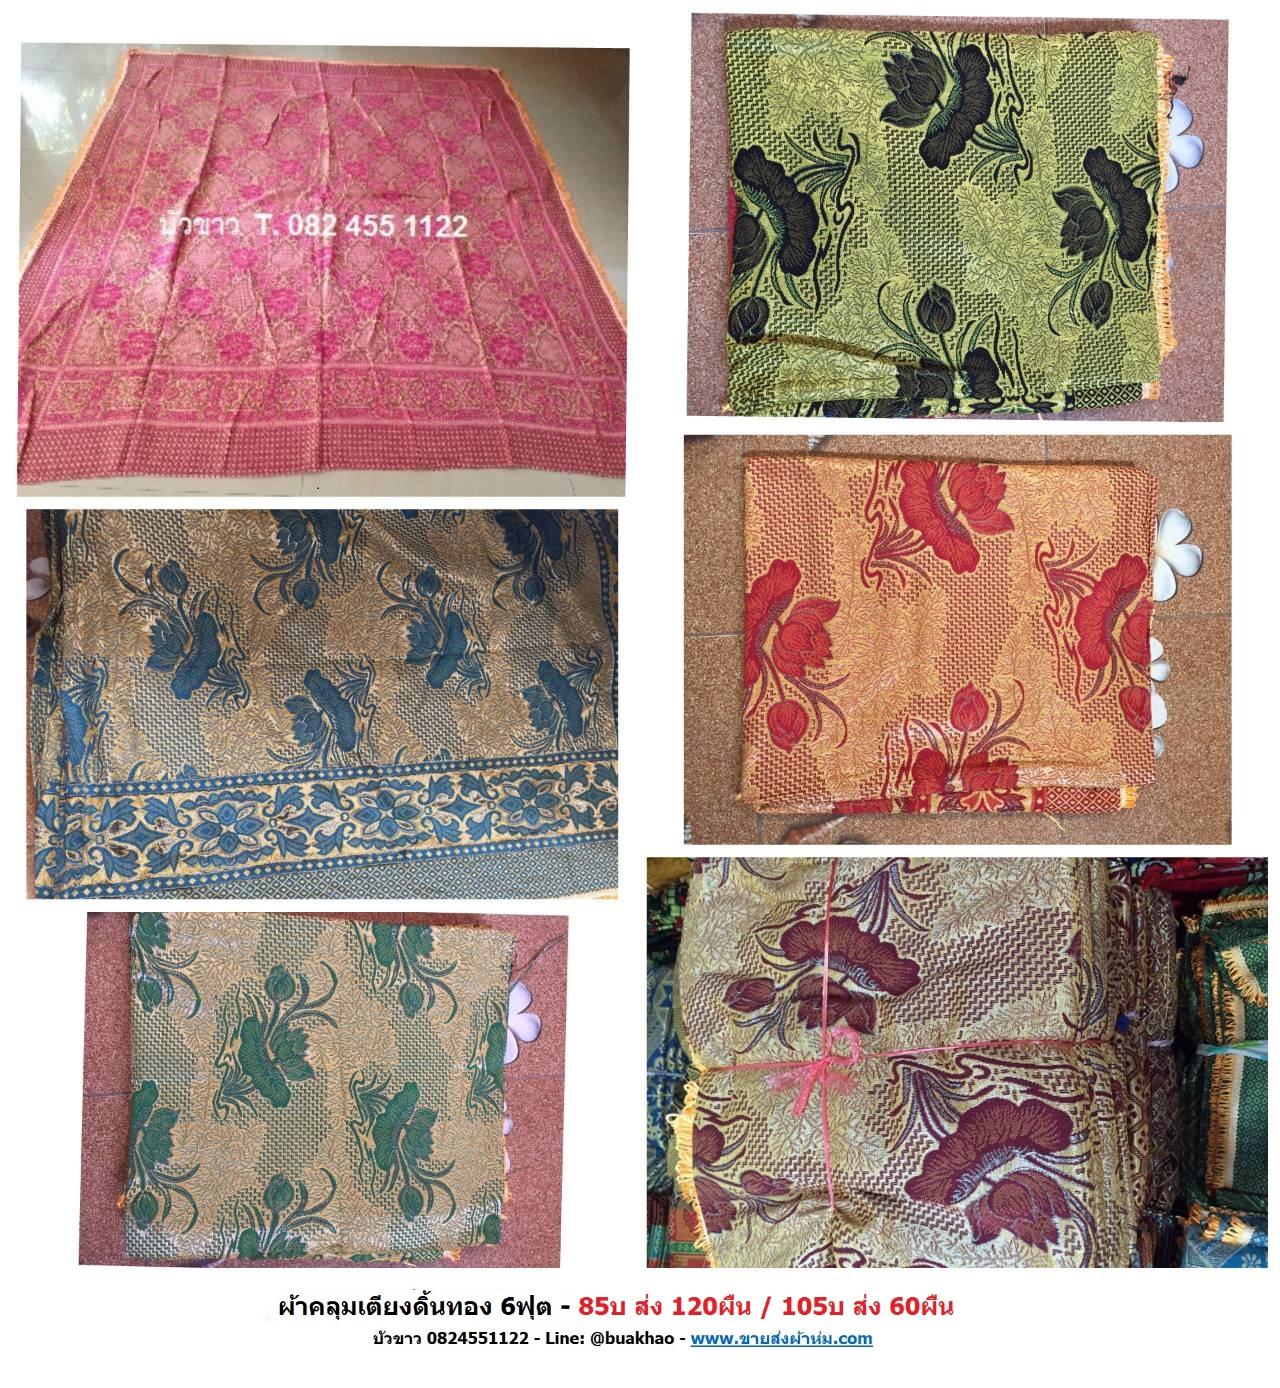 ผ้าคลุมเตียง ดิ้นทอง 6ฟุต คละสี ผืนละ 85บาท ส่ง 120ผืน